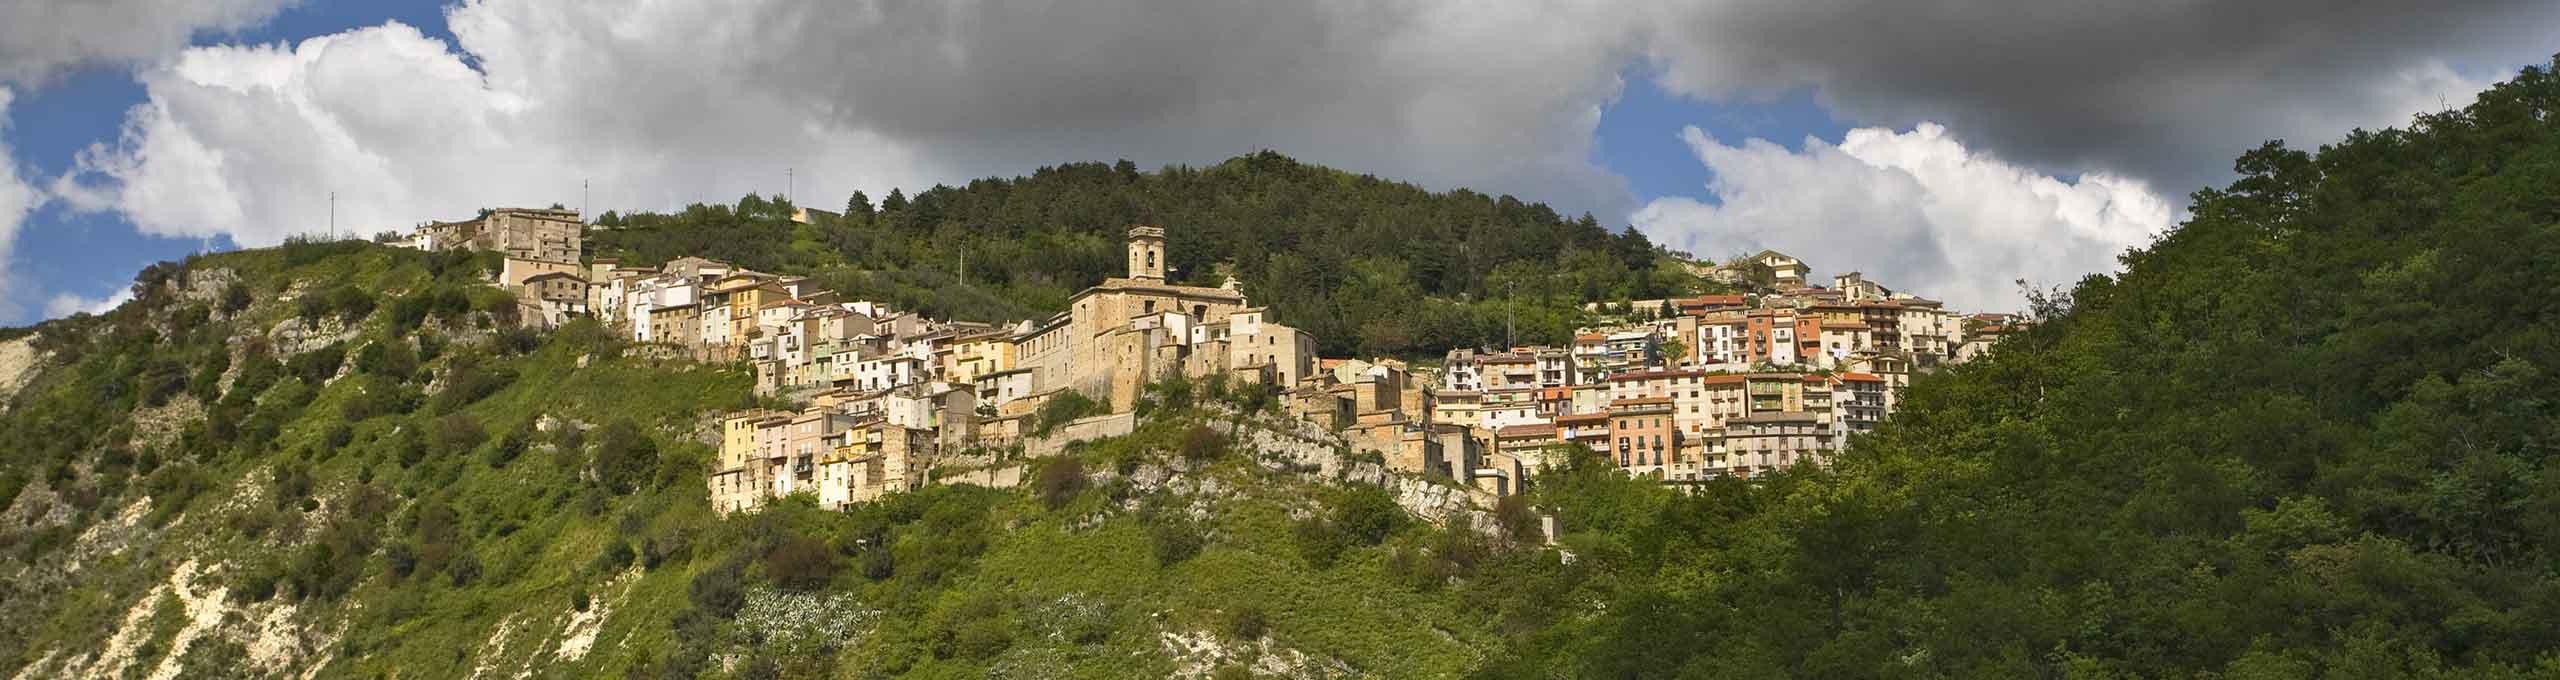 Colledimezzo, Abruzzo